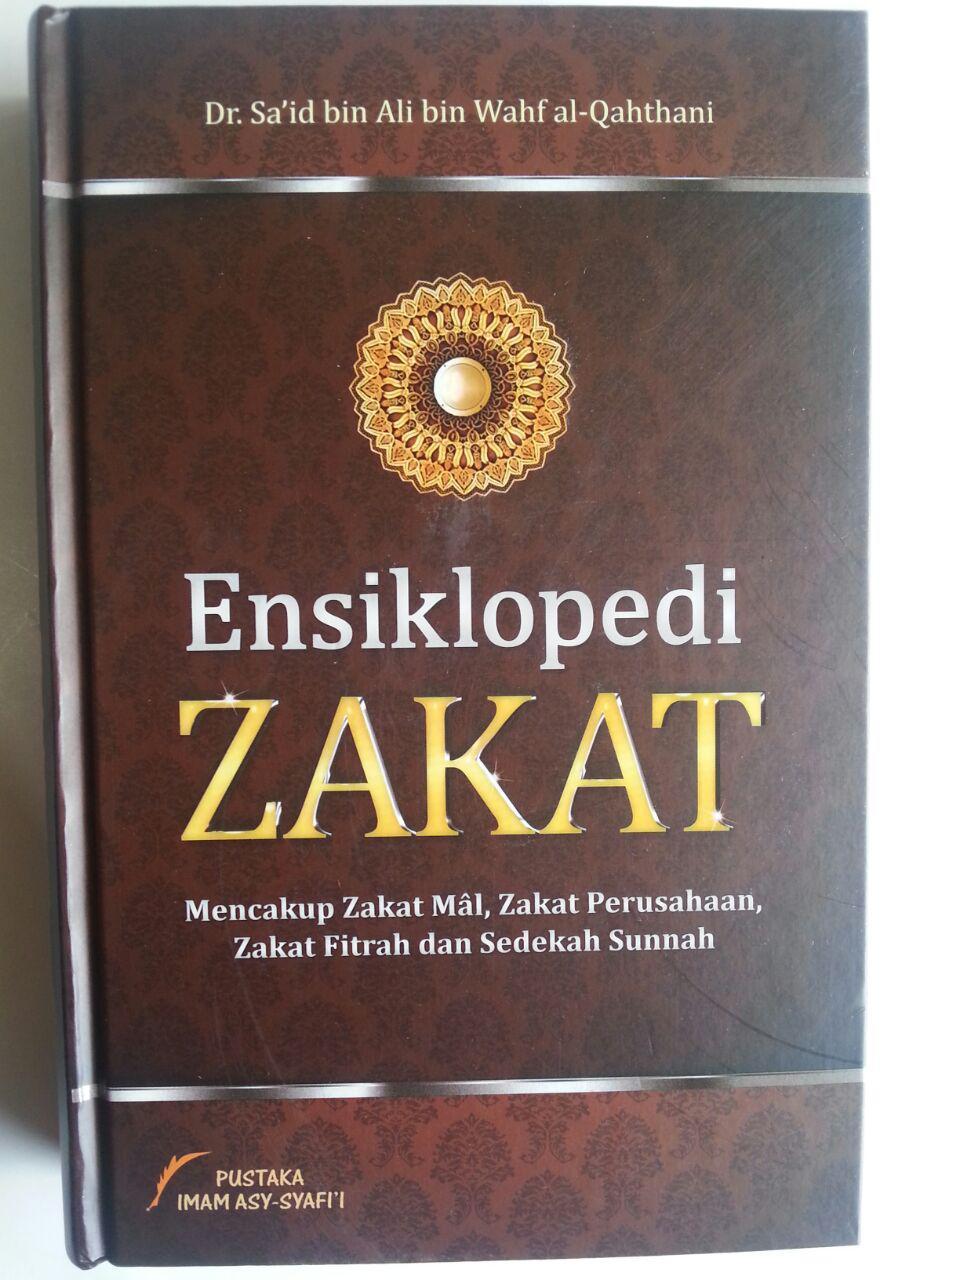 Buku Ensiklopedi Zakat Mencakup Zakat Mal Perusahaan Fitrah cover 2